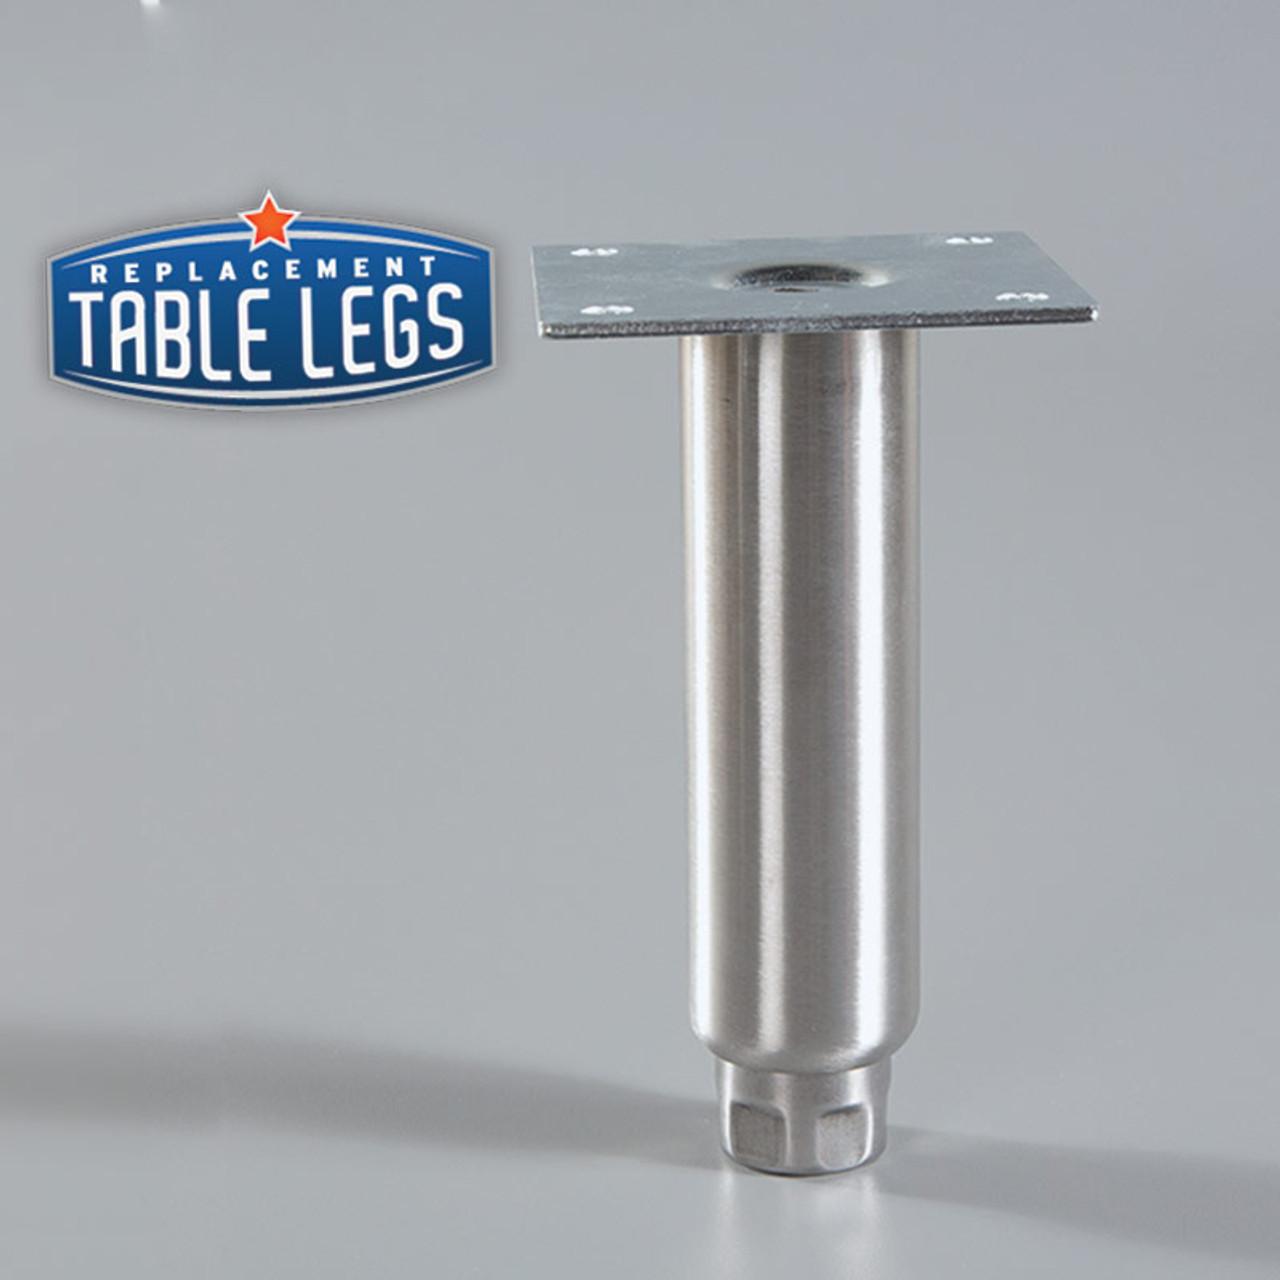 Heavy Duty Equipment Leg, Food Grade Stainless Steel, 6'' Equipment Leg - replacementtablelegs.com